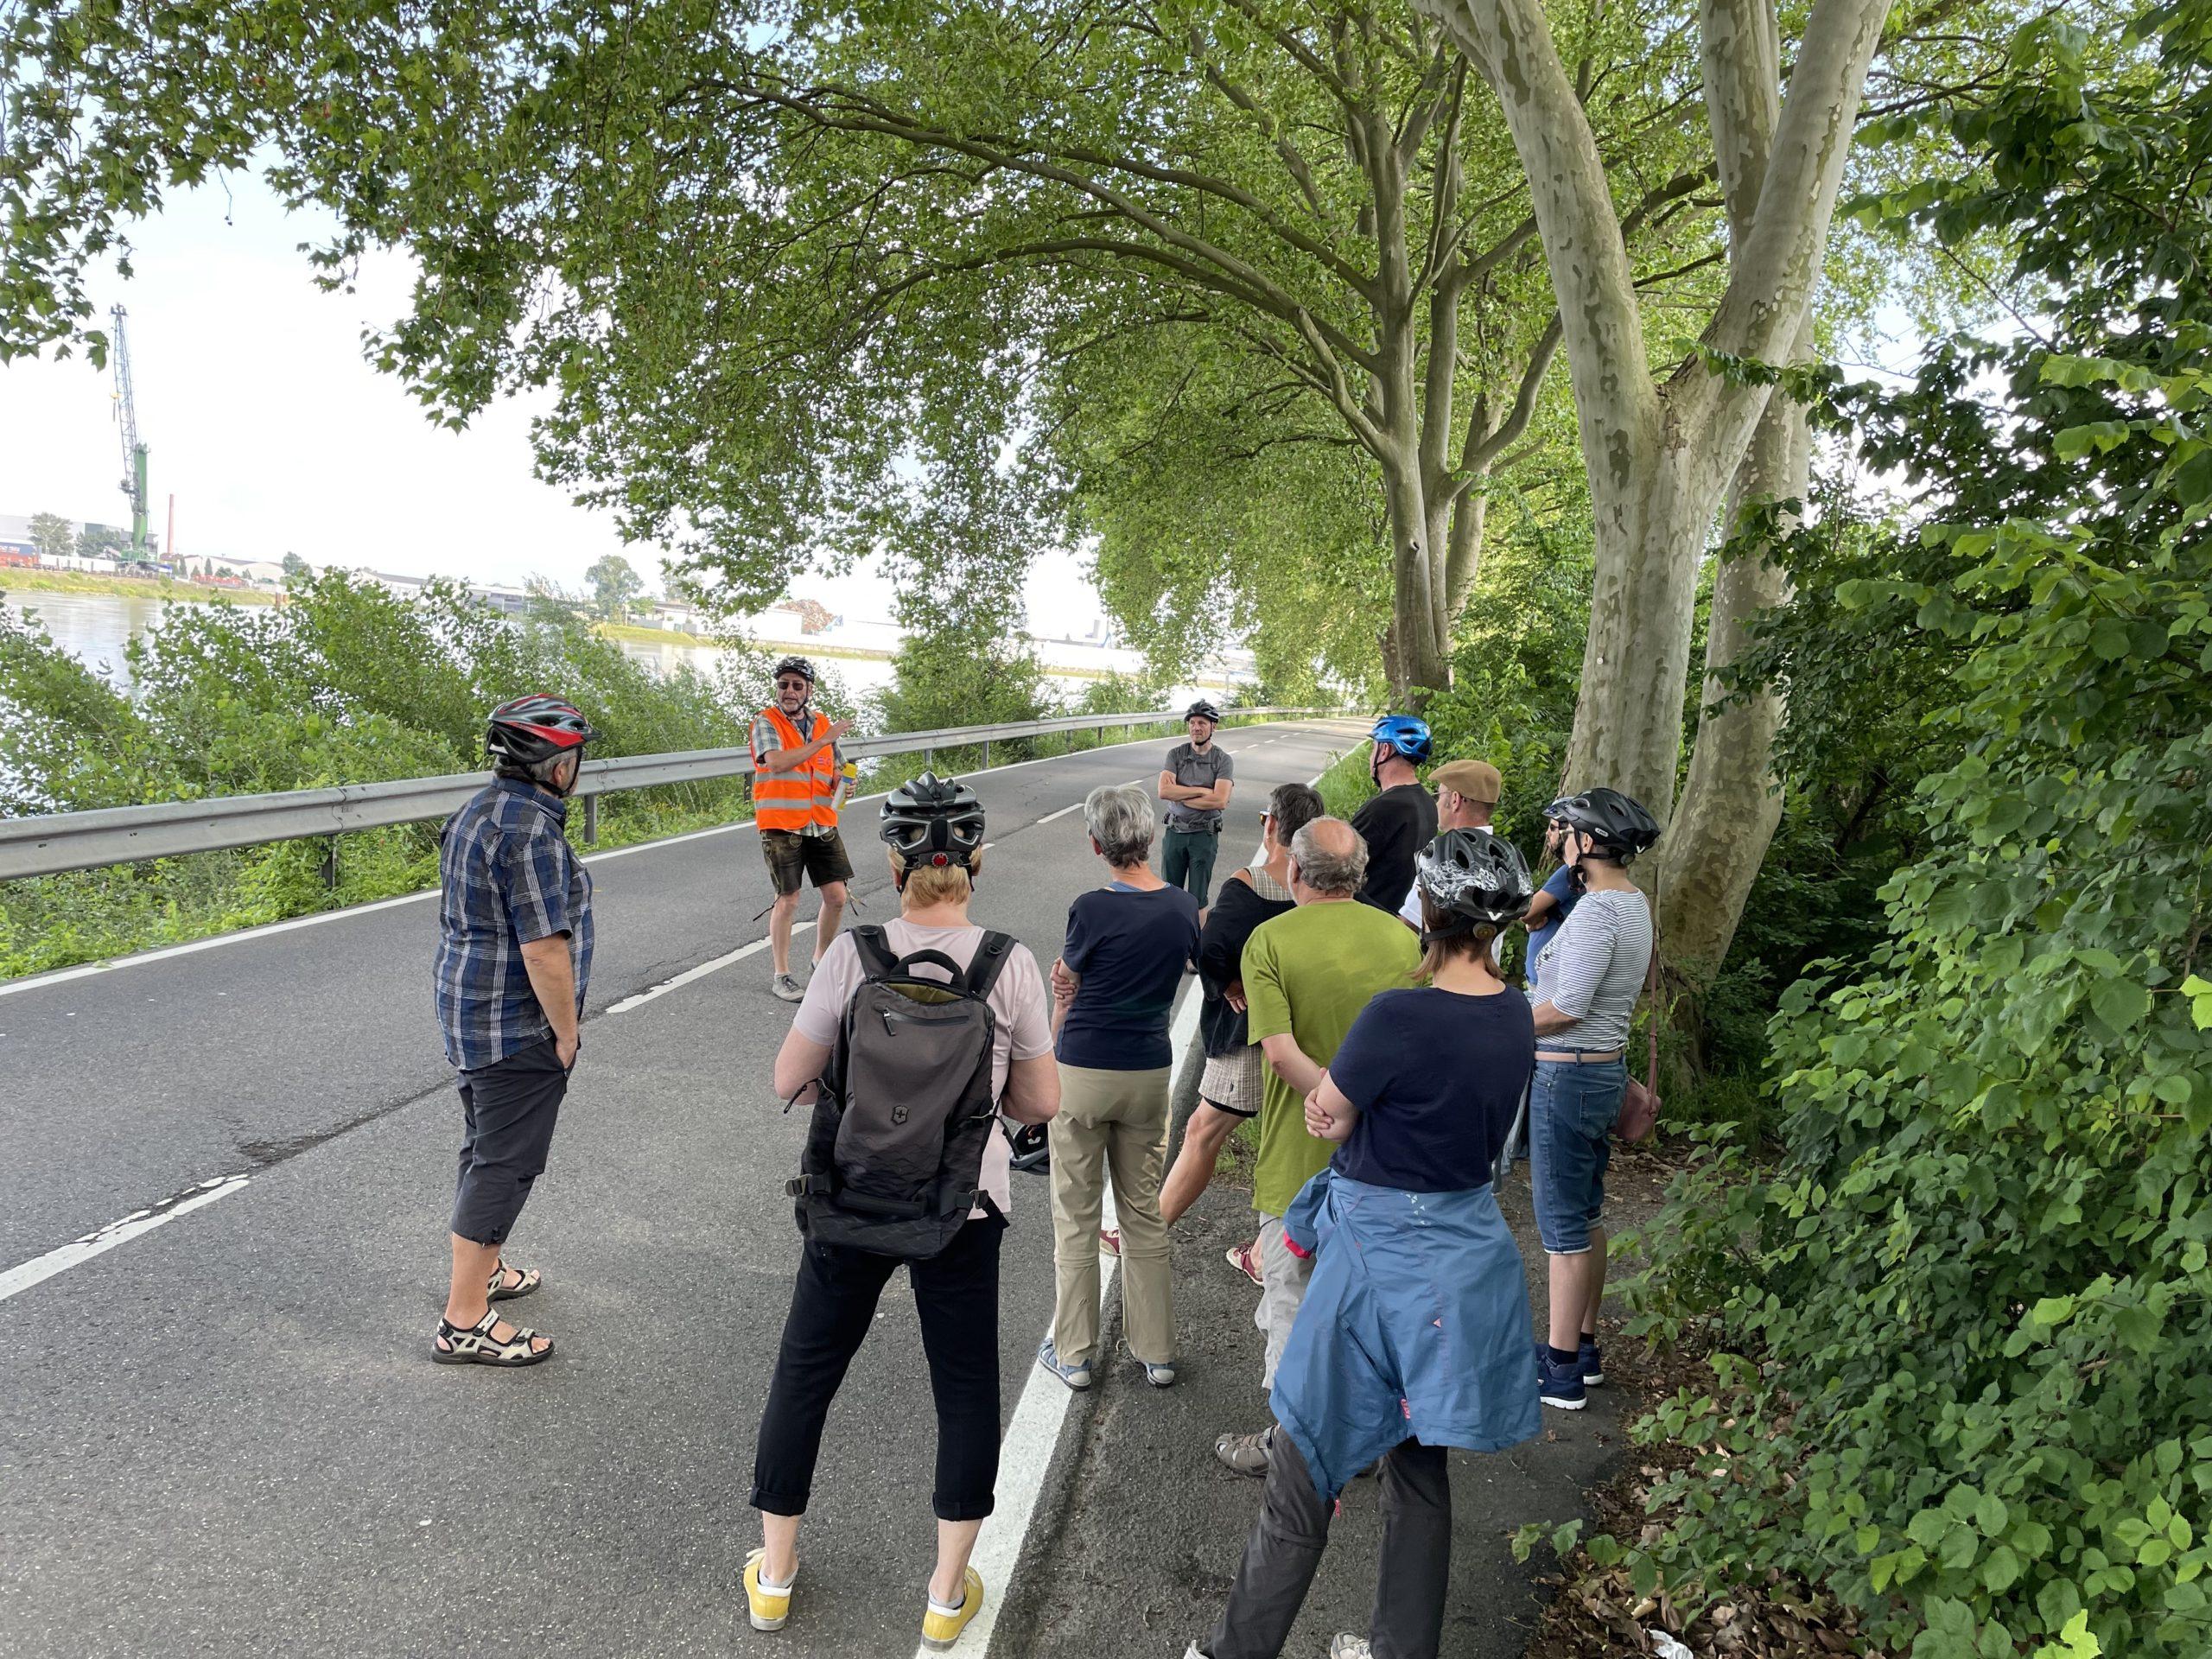 Radtour zur Fähre: Gemeinsam Lösungen für eine sichere Radverbindung vor Ort diskutiert